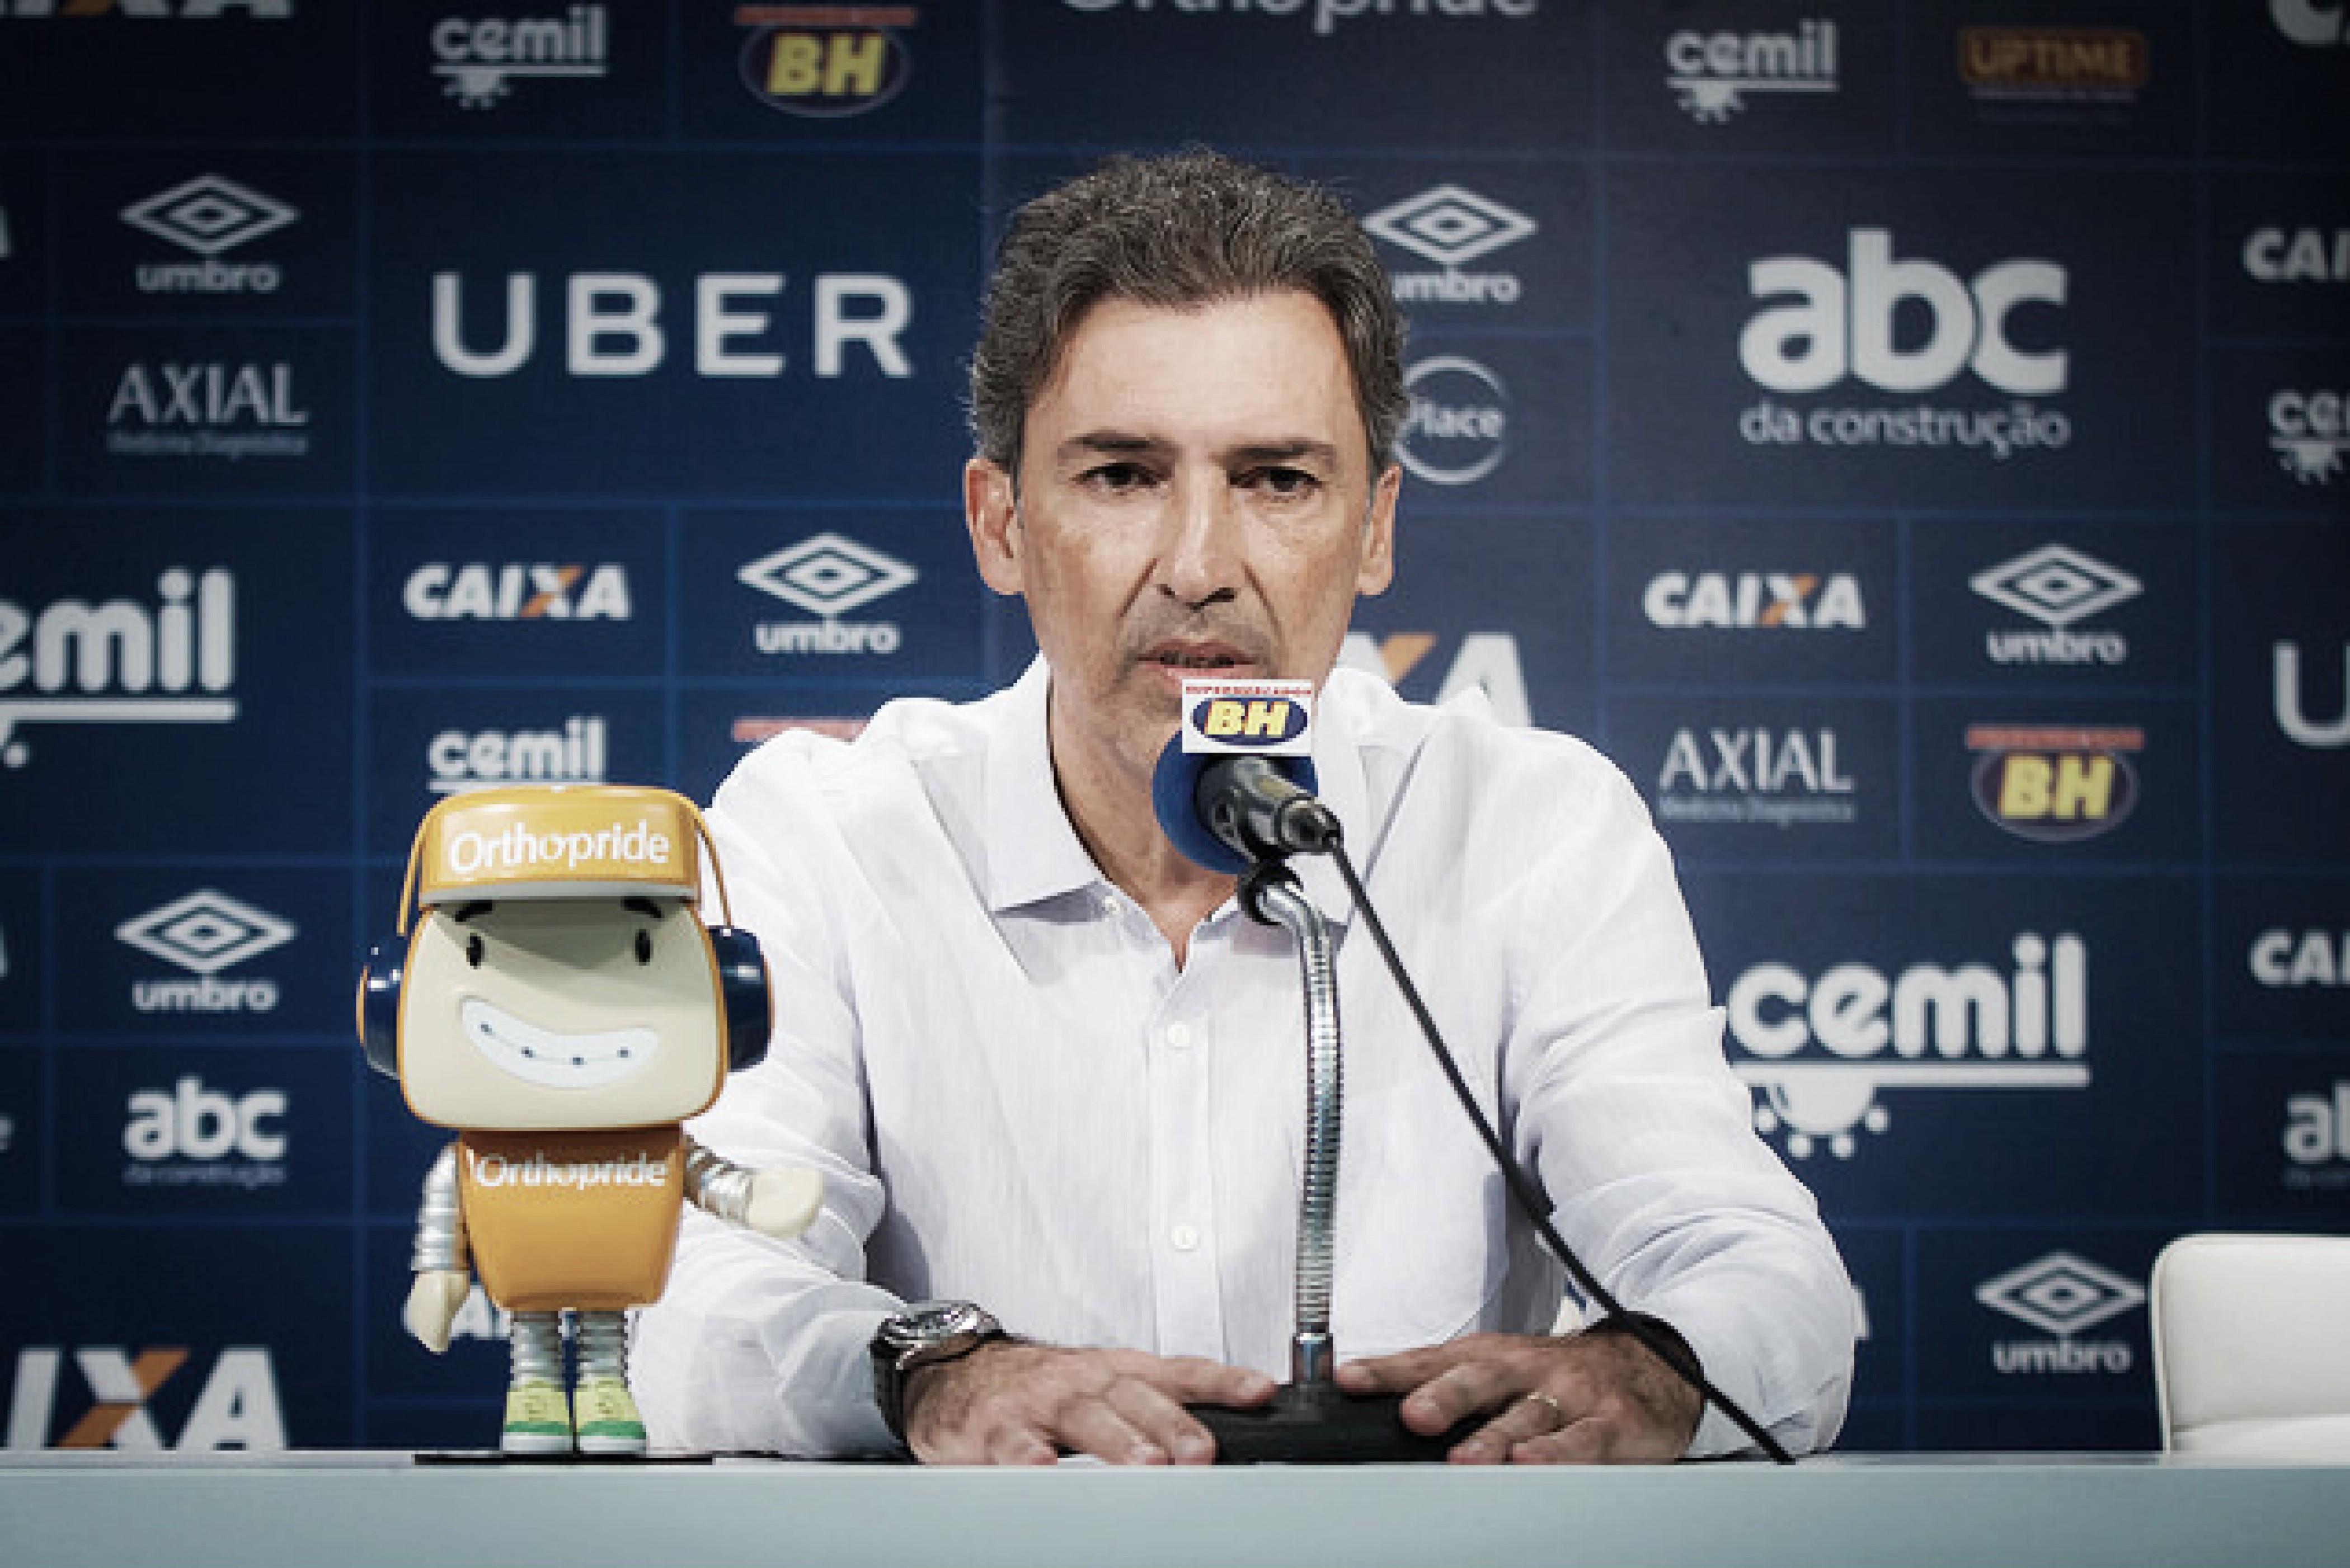 Dirigente do Cruzeiro teme duelo da Copa do Brasil após erros recentes de arbitragem